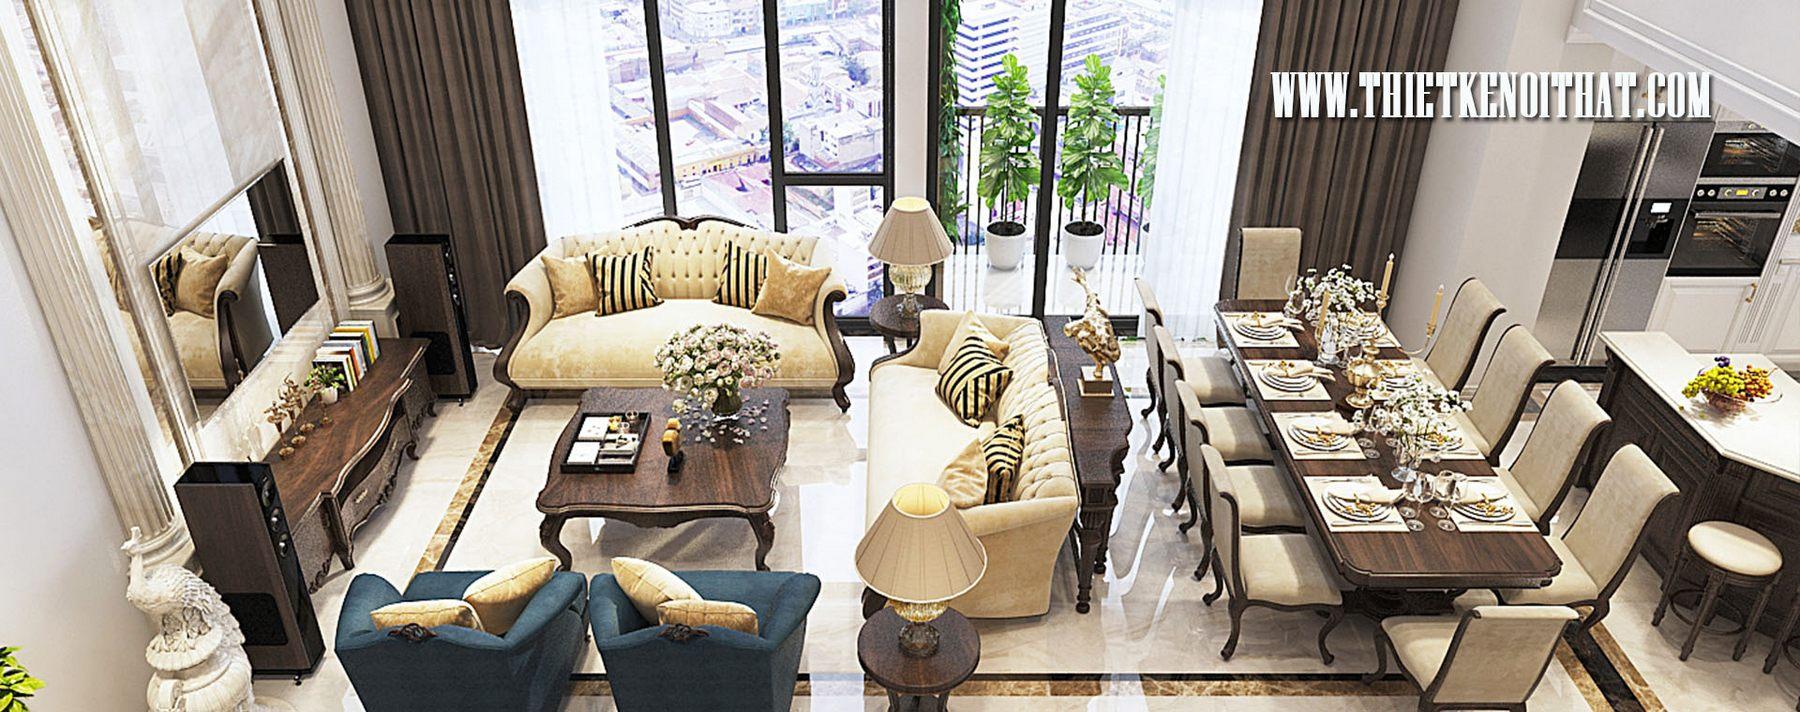 Thiết kế nội thất căn hộ Duplex Hapulico Hà Nội